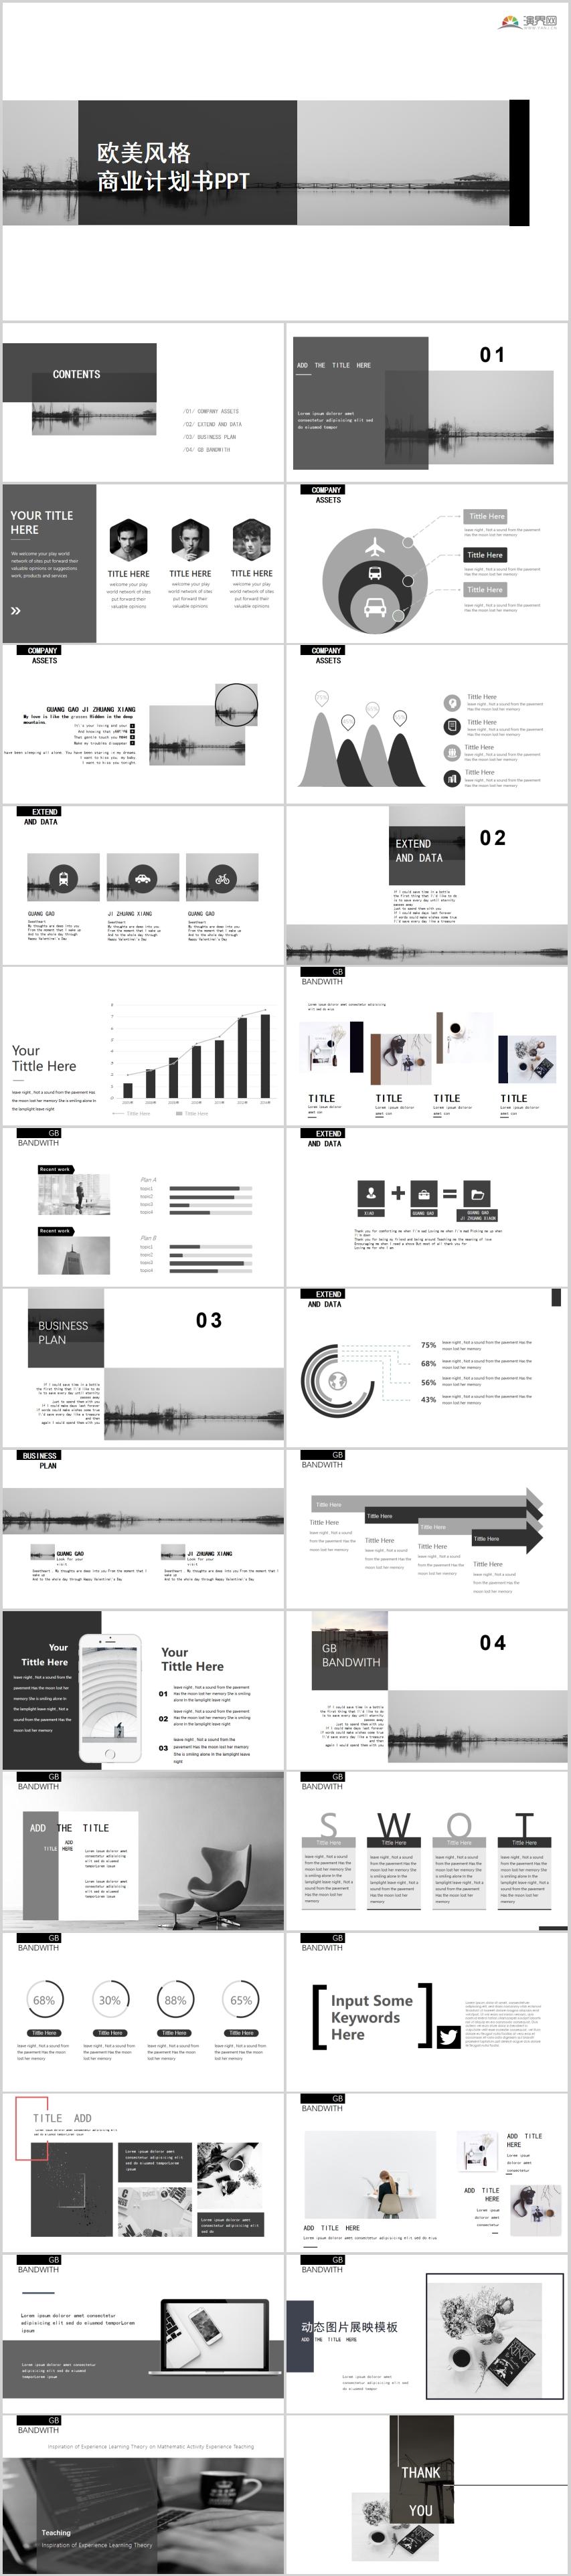 商务风经典黑灰色企业商业计划书通用PPT模板